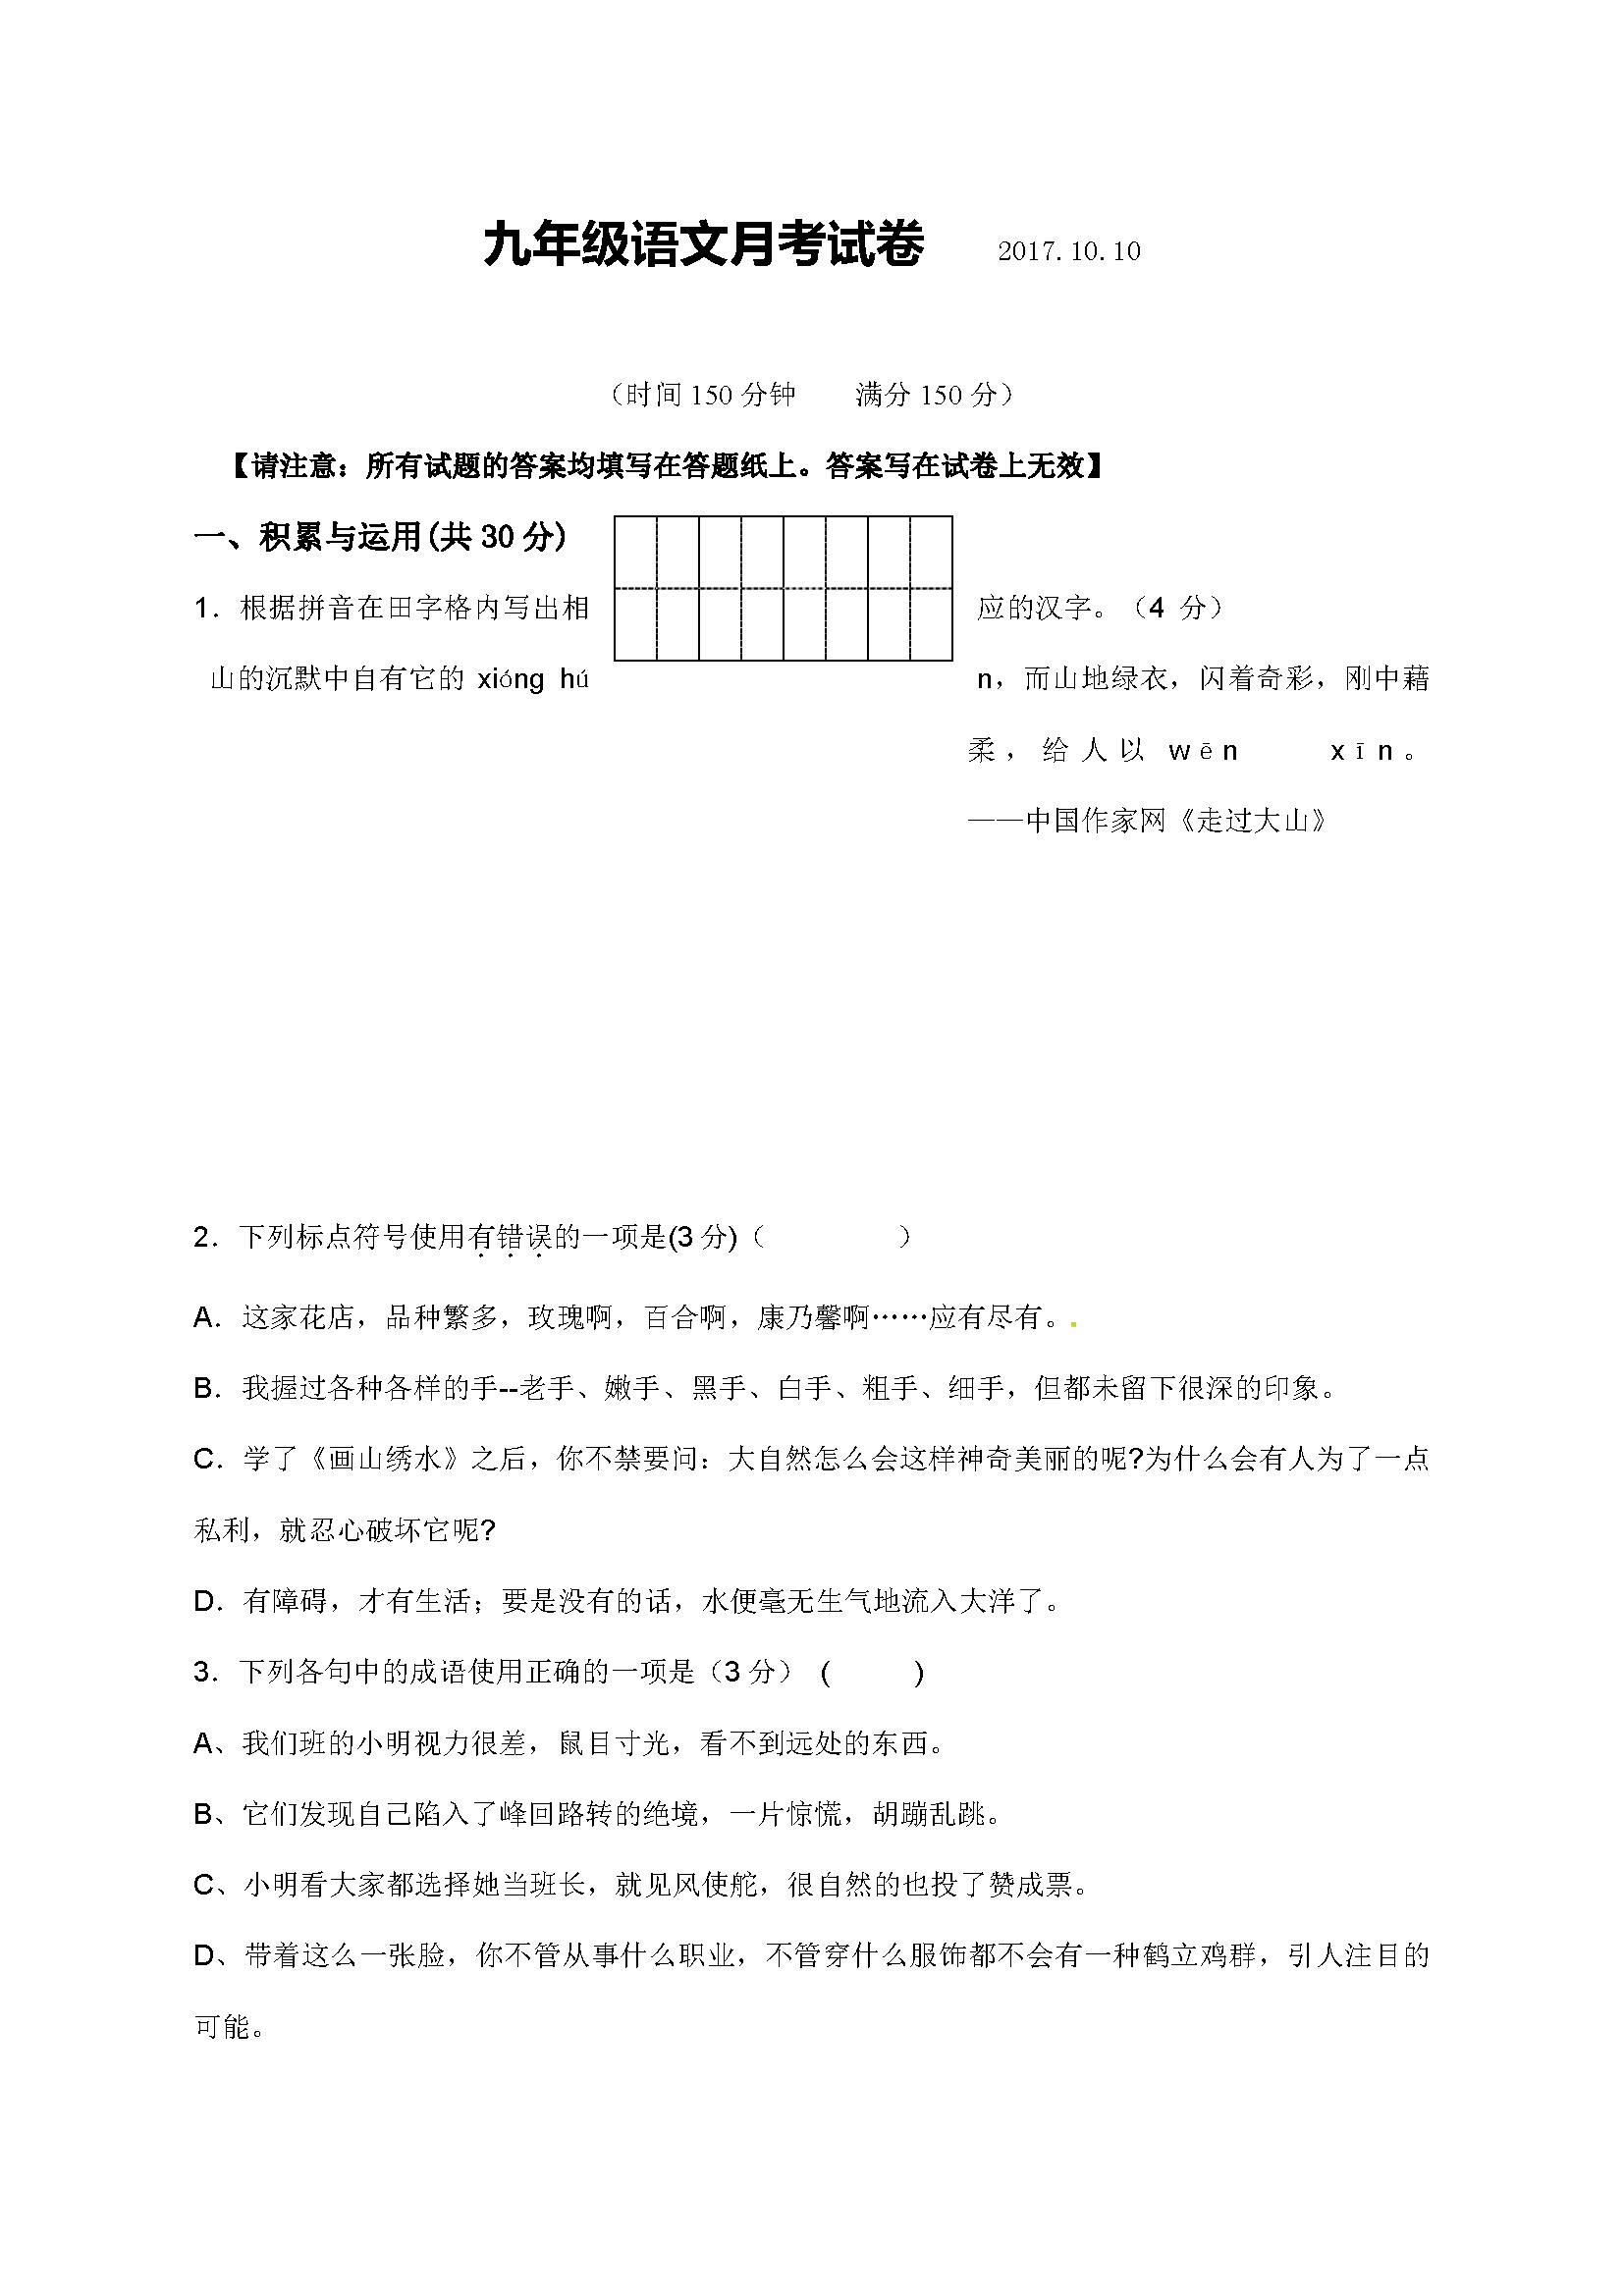 江苏泰州中学附属初级中学2018九年级10月月考语文试题(图片版)